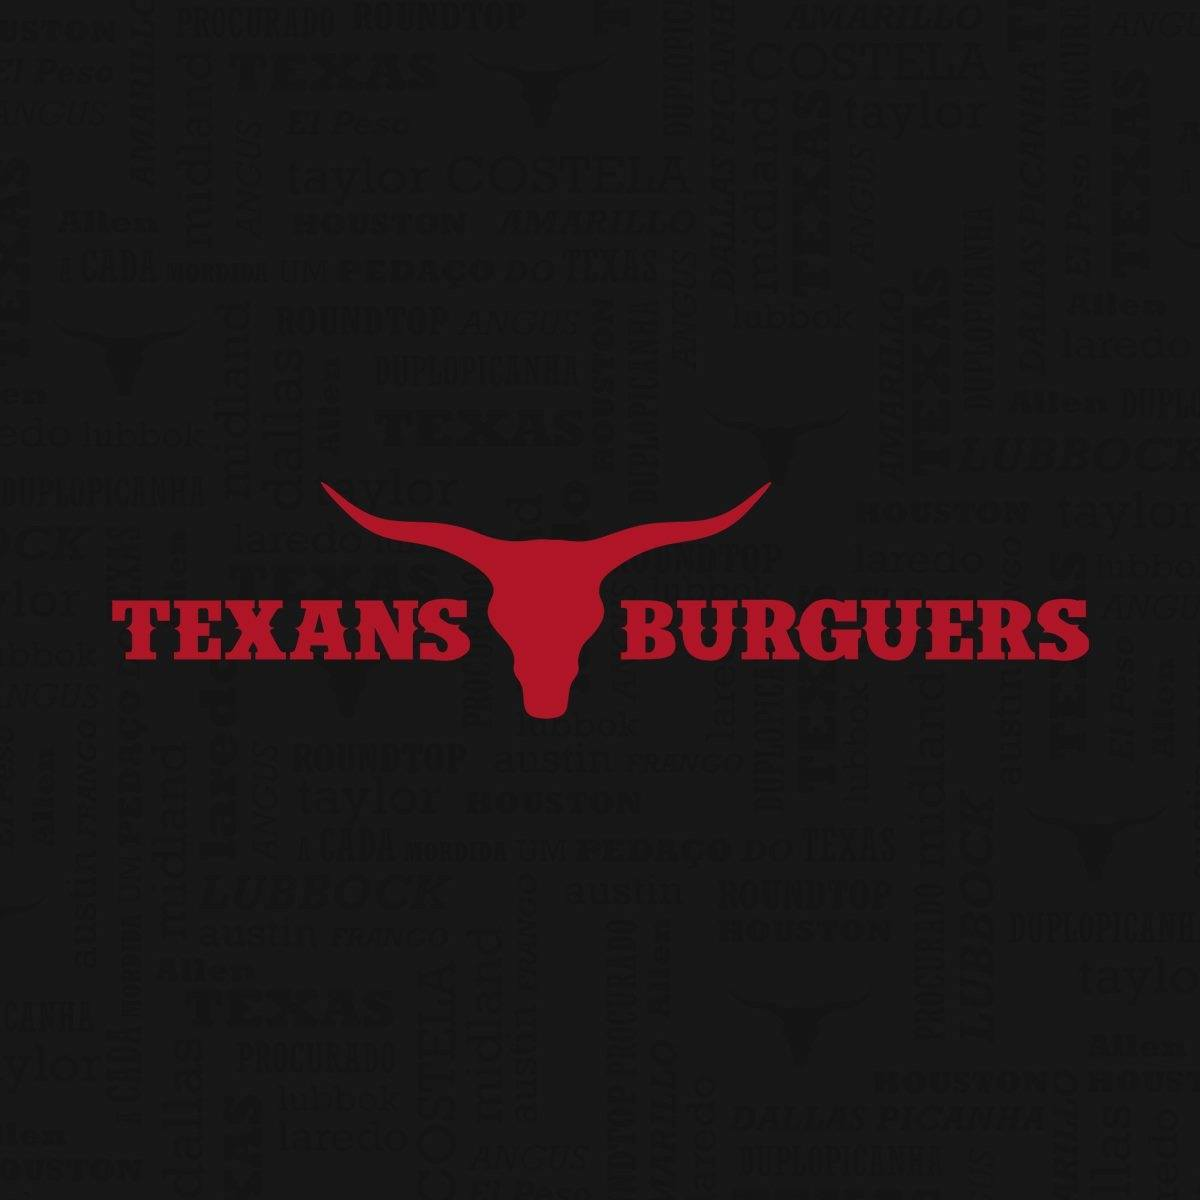 Franquia Texans Burguers, em Plena Expansão, Conta com Gestão Especializada